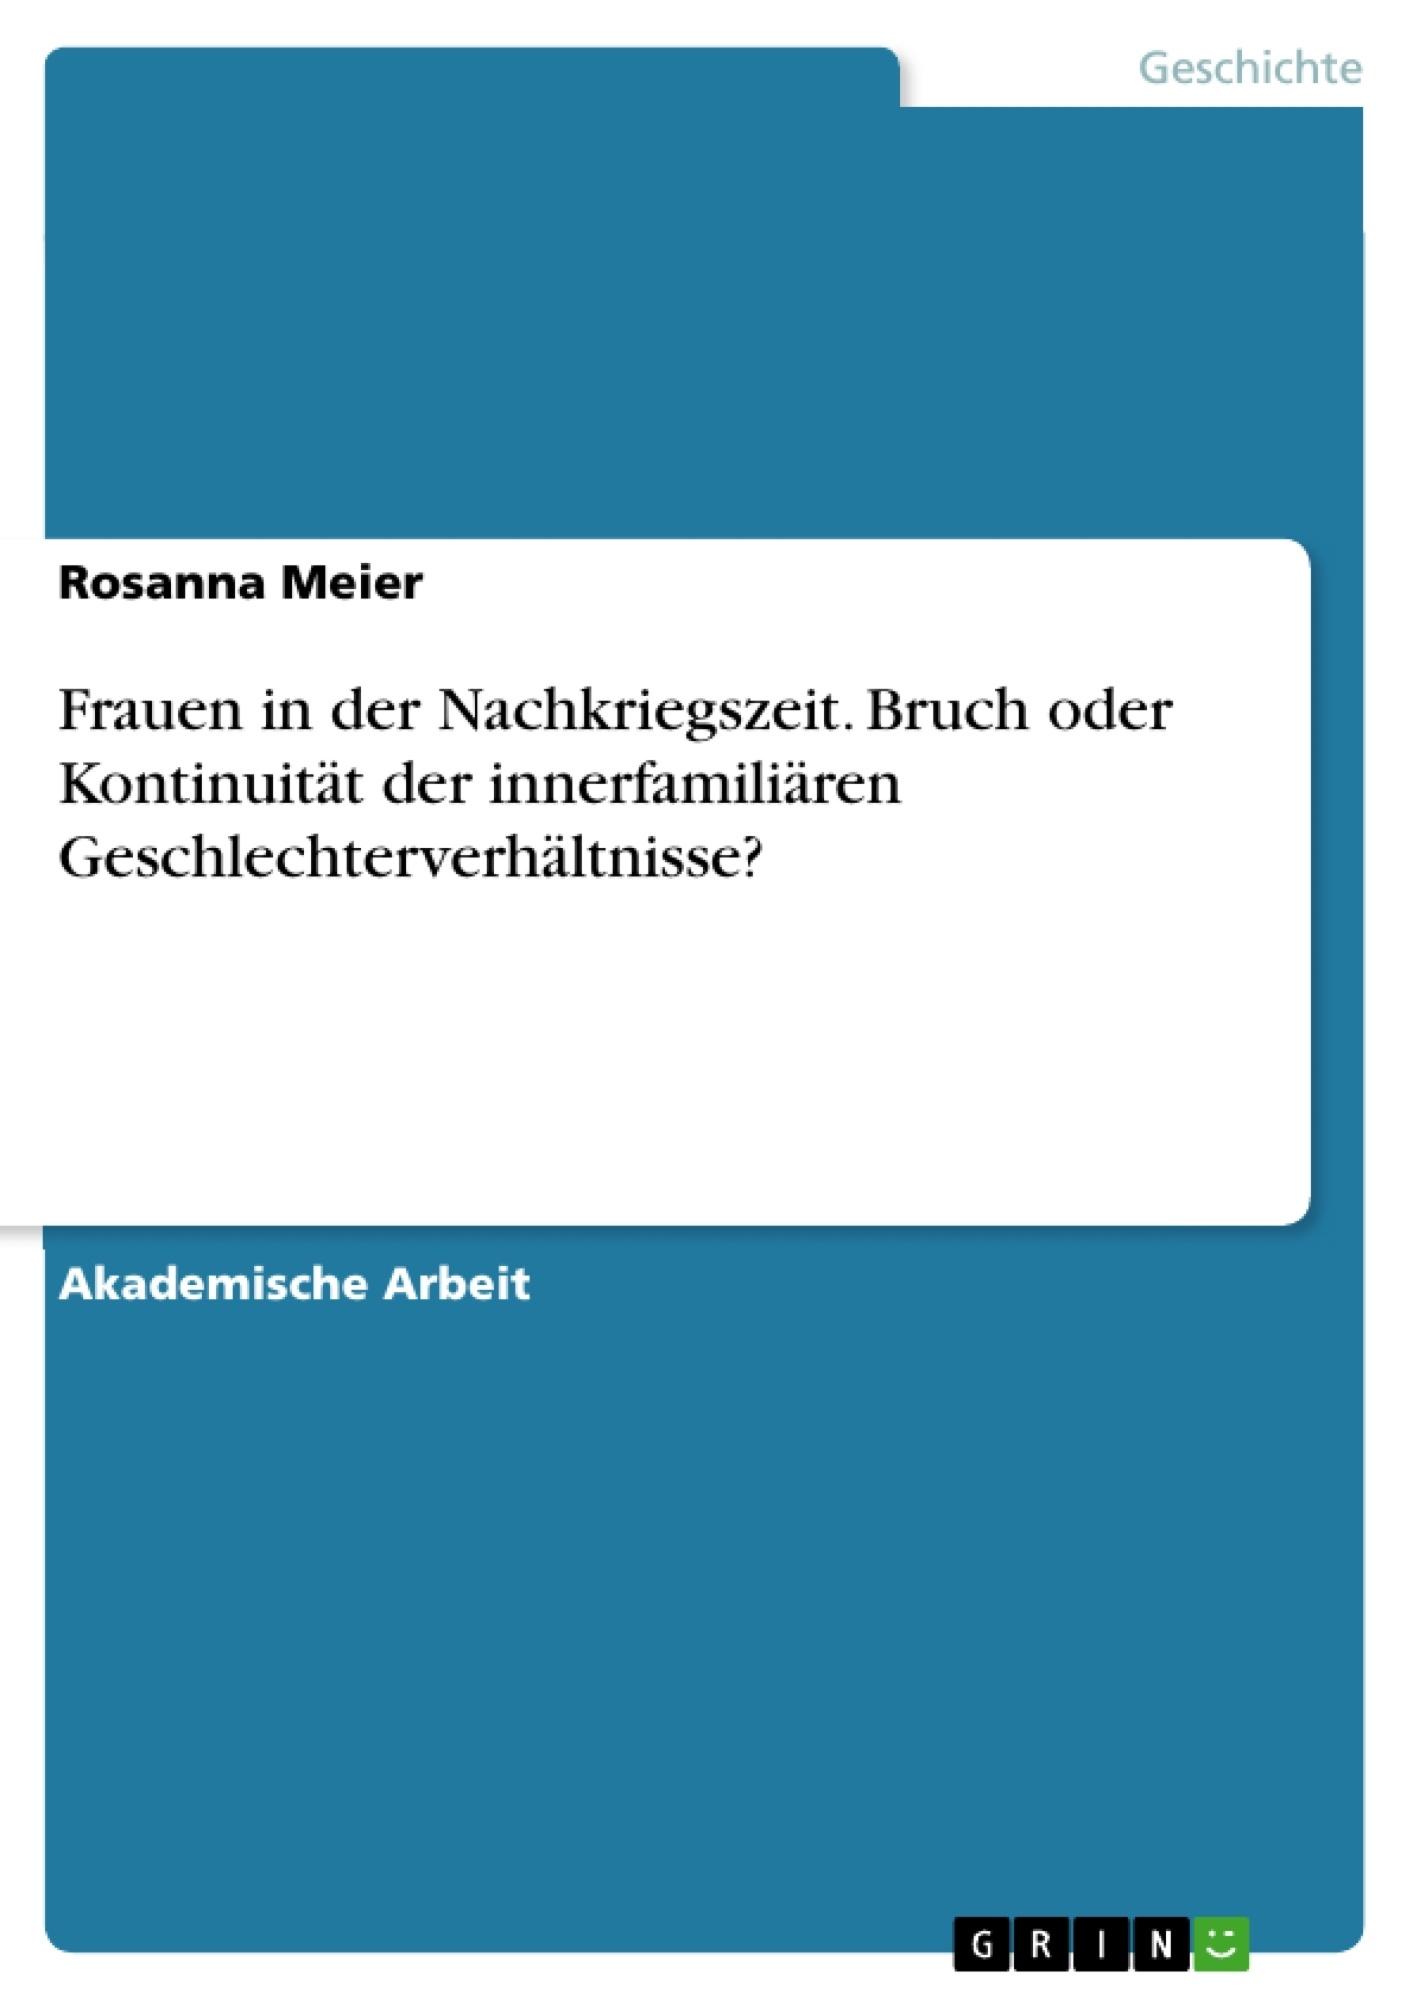 Titel: Frauen in der Nachkriegszeit. Bruch oder Kontinuität der innerfamiliären Geschlechterverhältnisse?